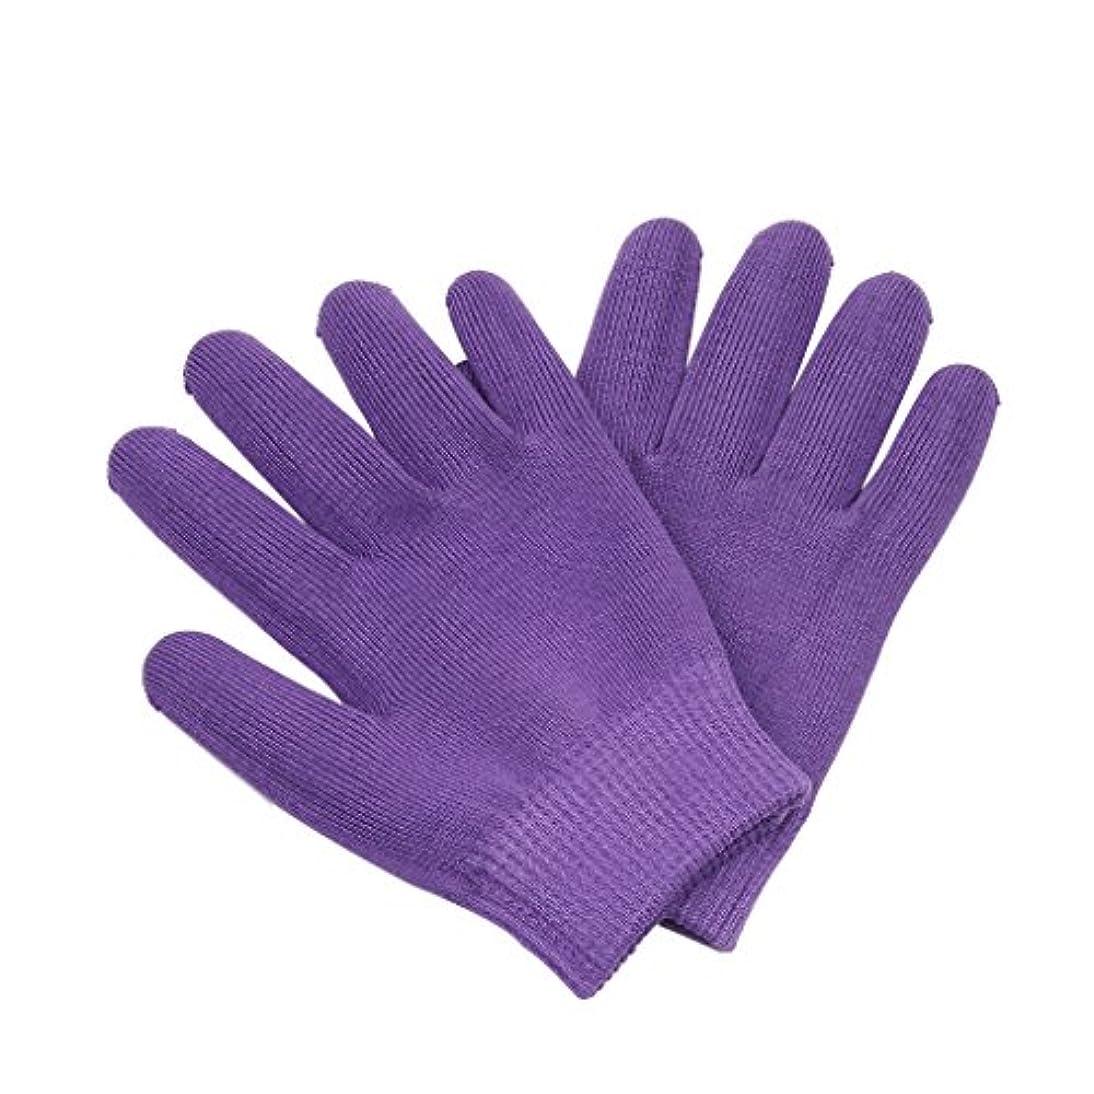 批判取得バースLovoski 保湿手袋 おやすみ手袋 手袋 手湿疹 乾燥防止 手荒れ 保湿 スキンケア  メンズ レディース 全3色選べ - 紫